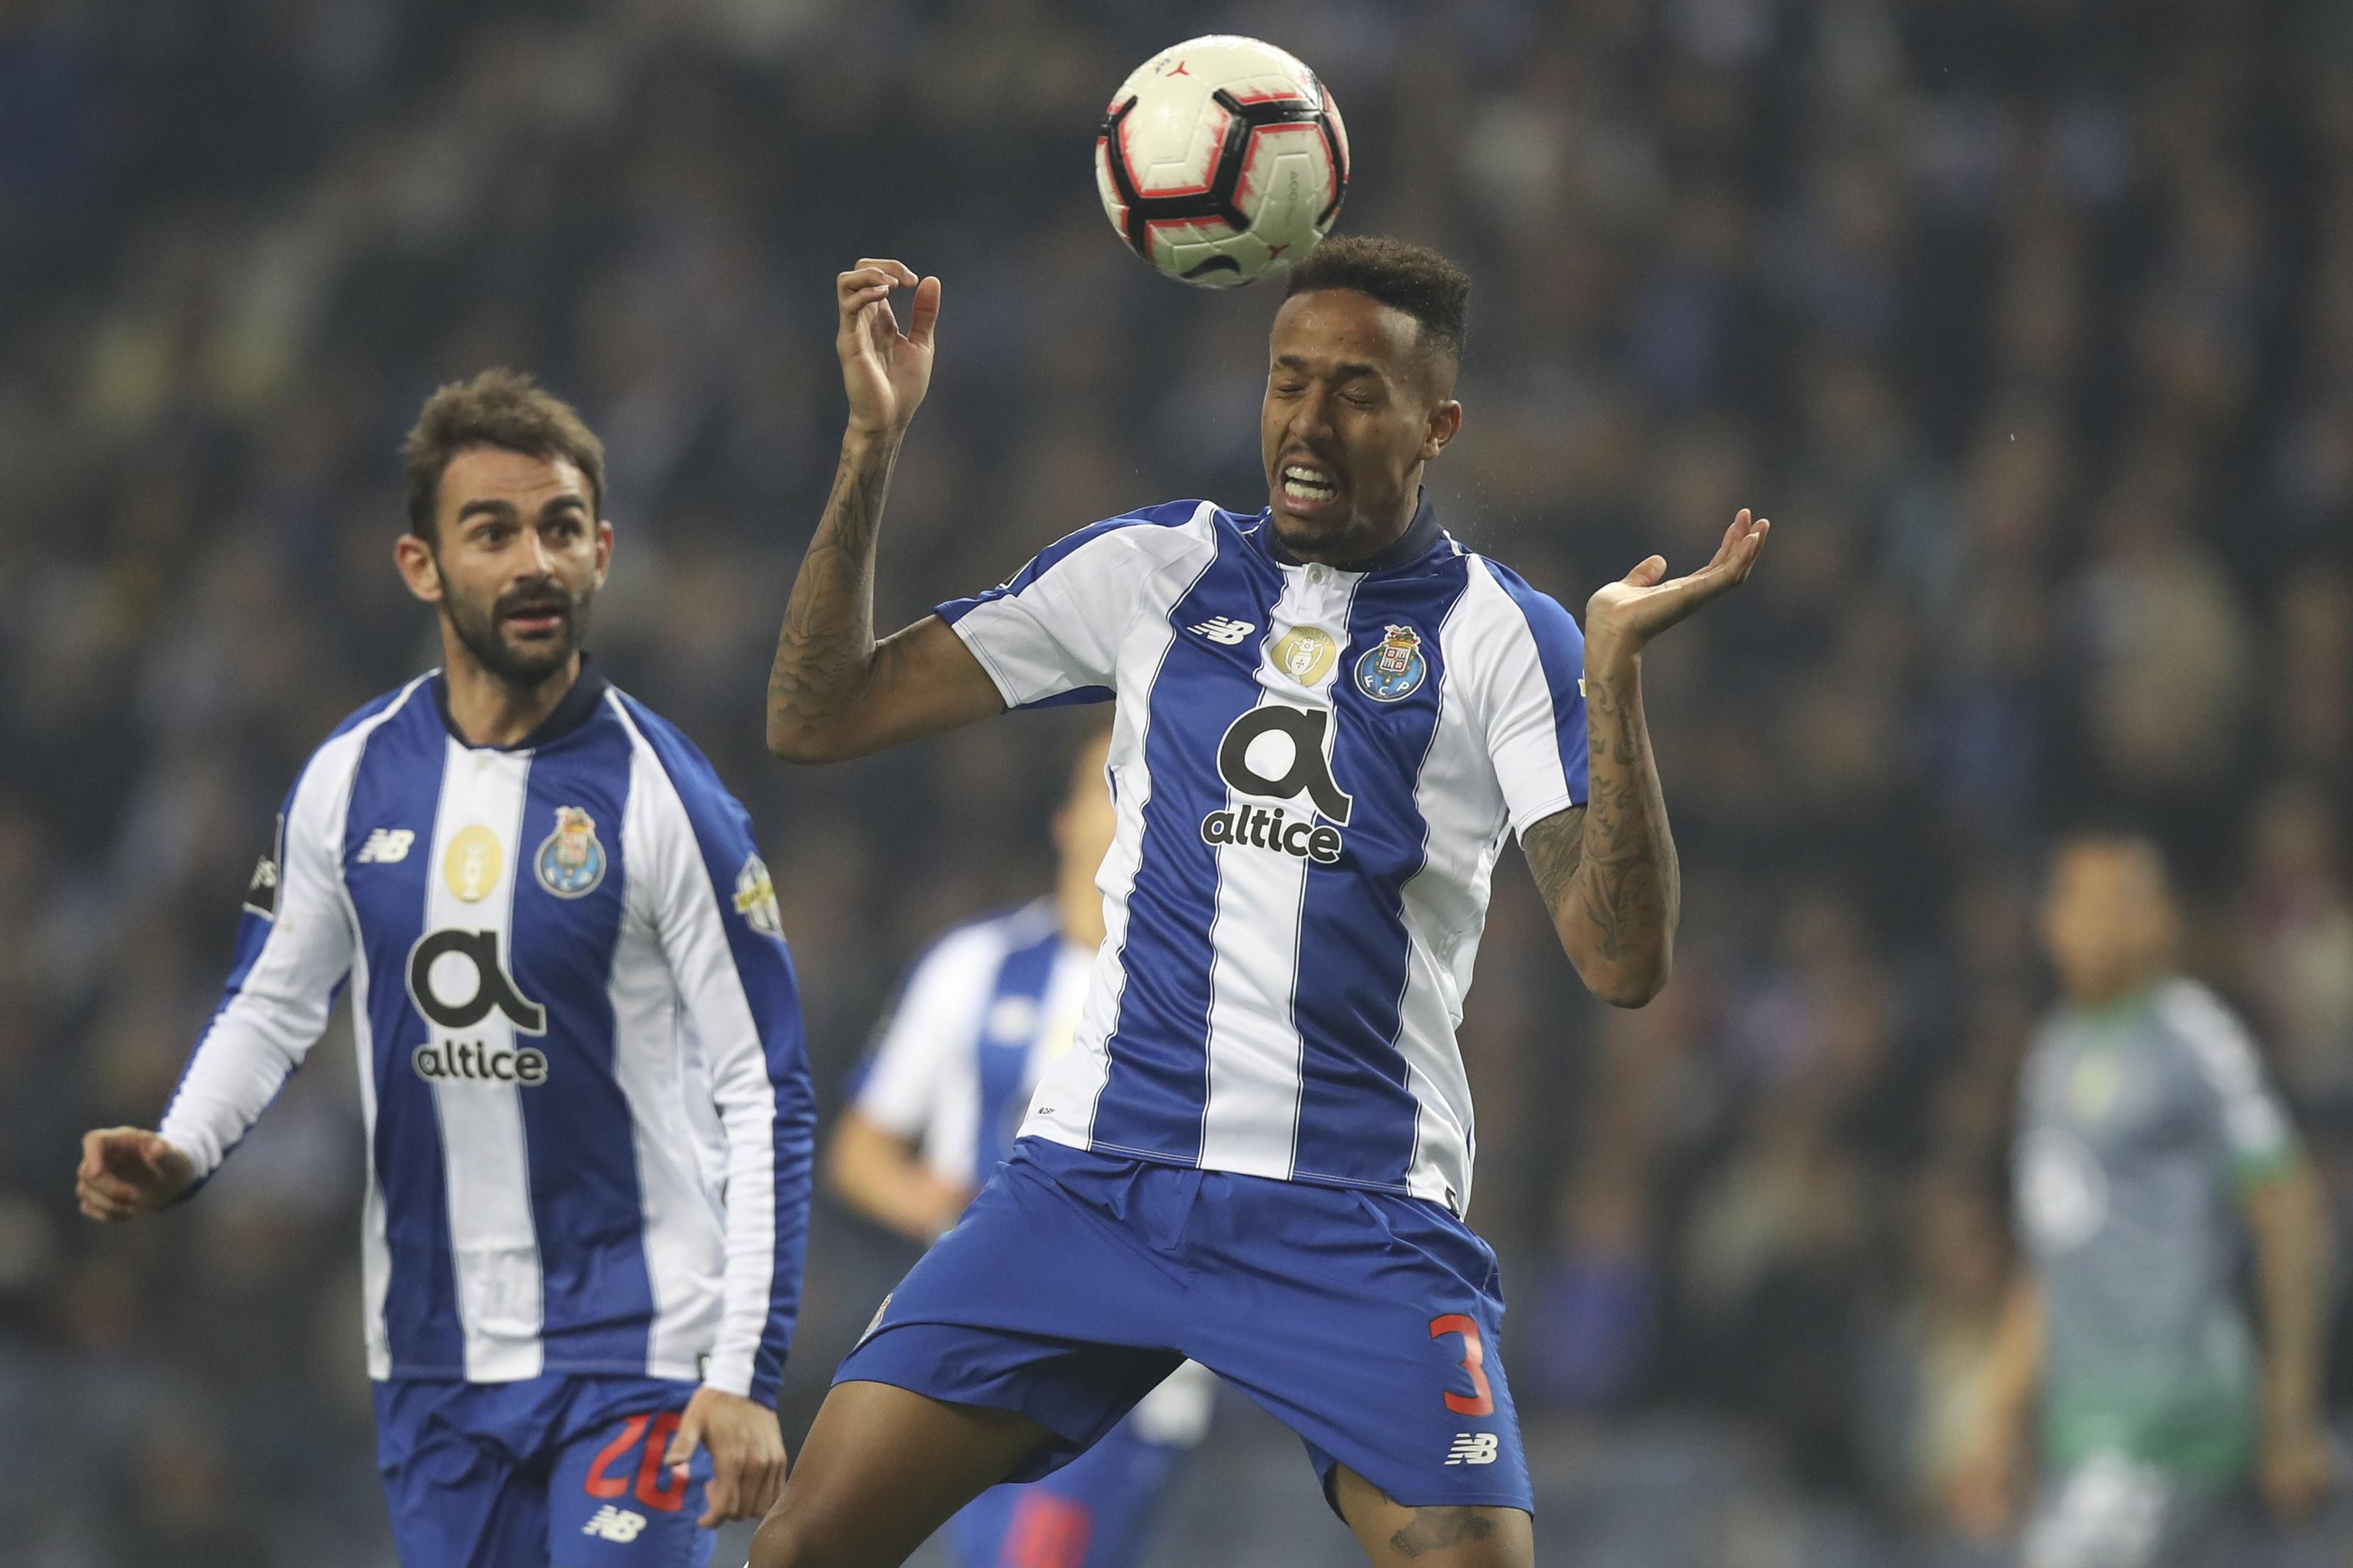 FC Porto confirma o valor da transferência de Éder Militão